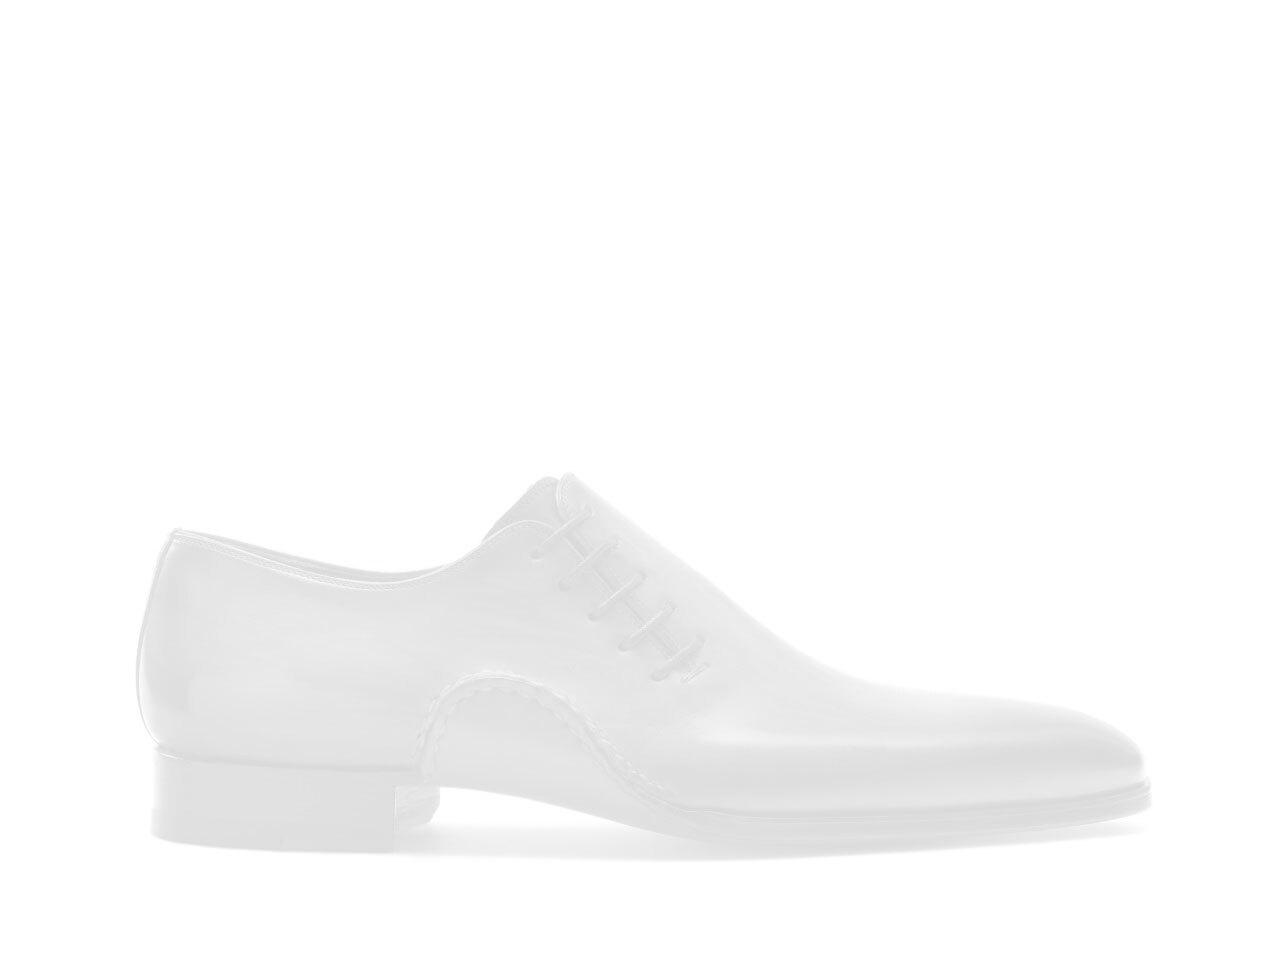 Pair of the Magnanni Garrett Black Men's Double Monk Strap Shoes